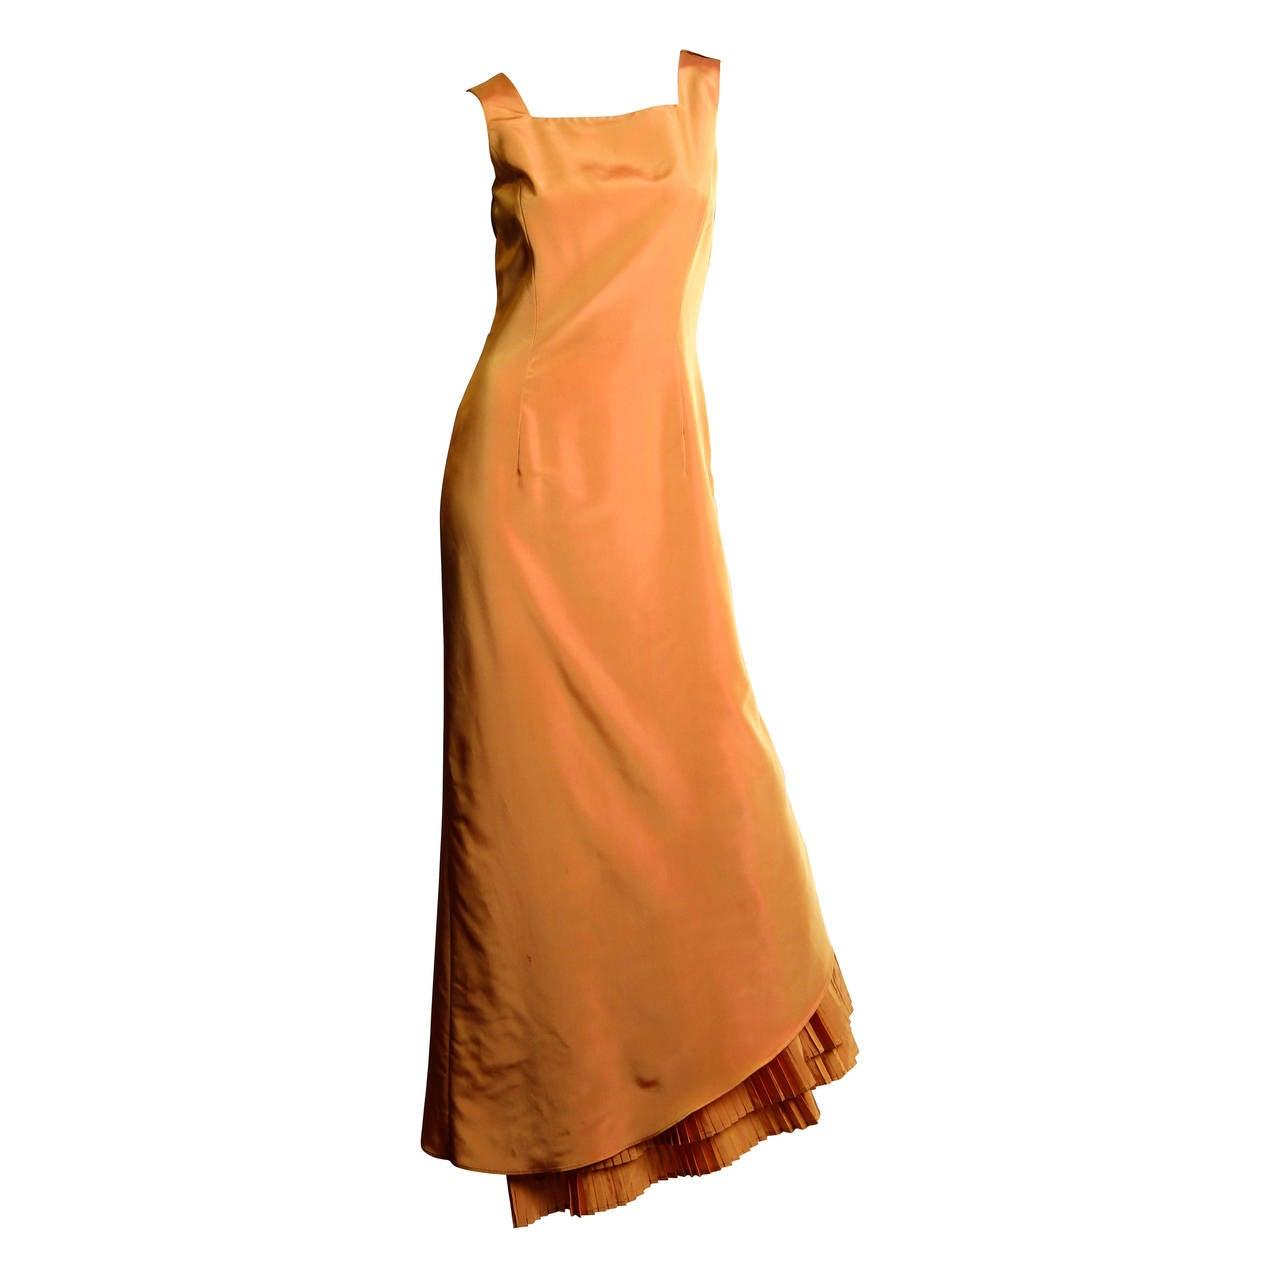 Gianfranco Ferre Studio Taffeta Gown